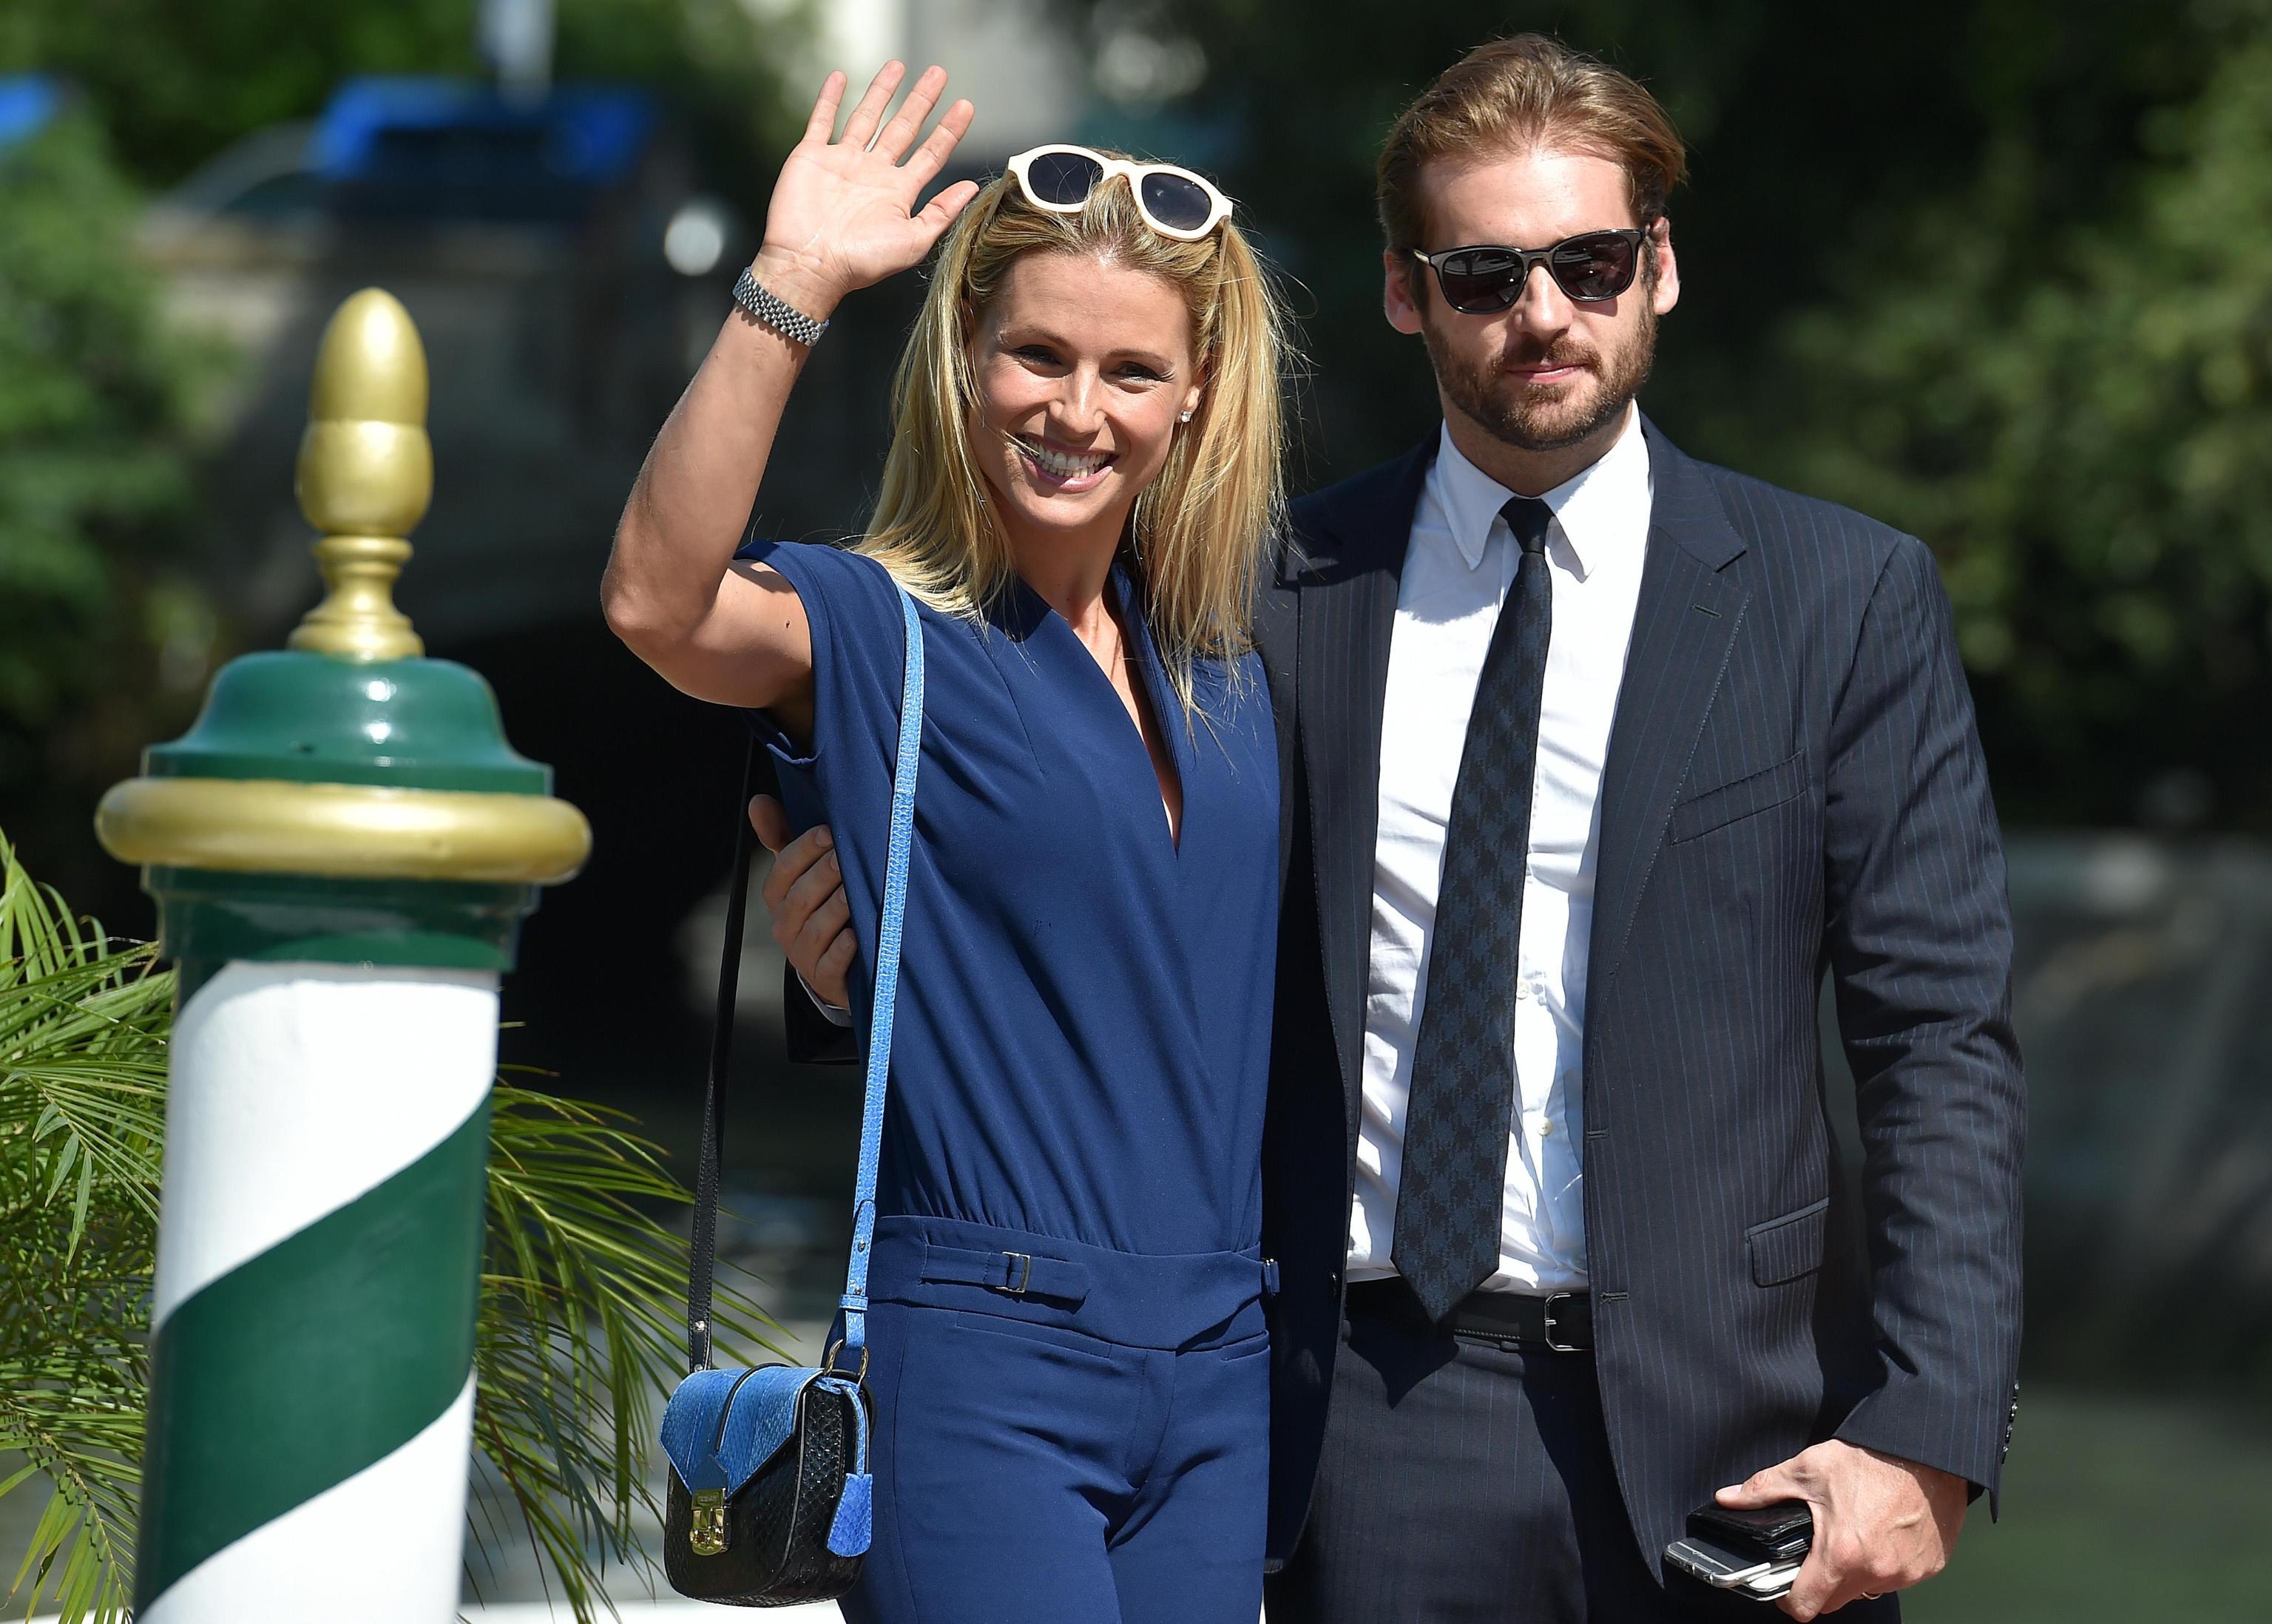 Michelle Hunziker e Tomaso Trussardi di nuovo genitori? 'Sole ha chiesto un fratellino'